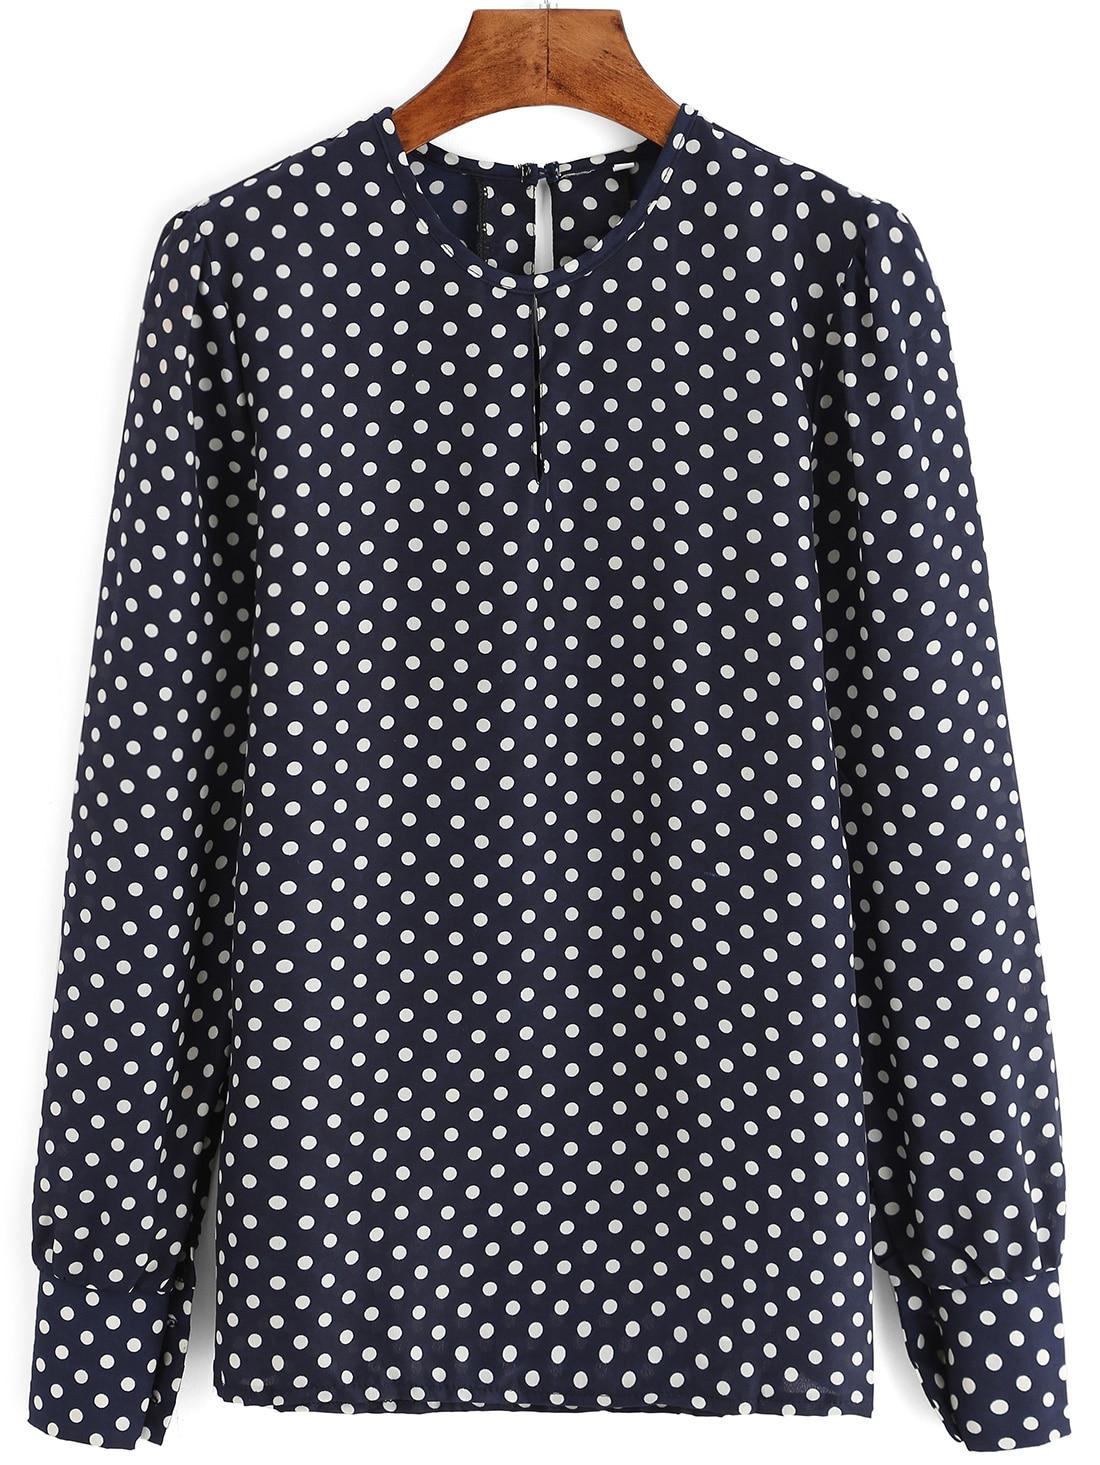 Купить Блузку В Горошек В Интернет Магазине